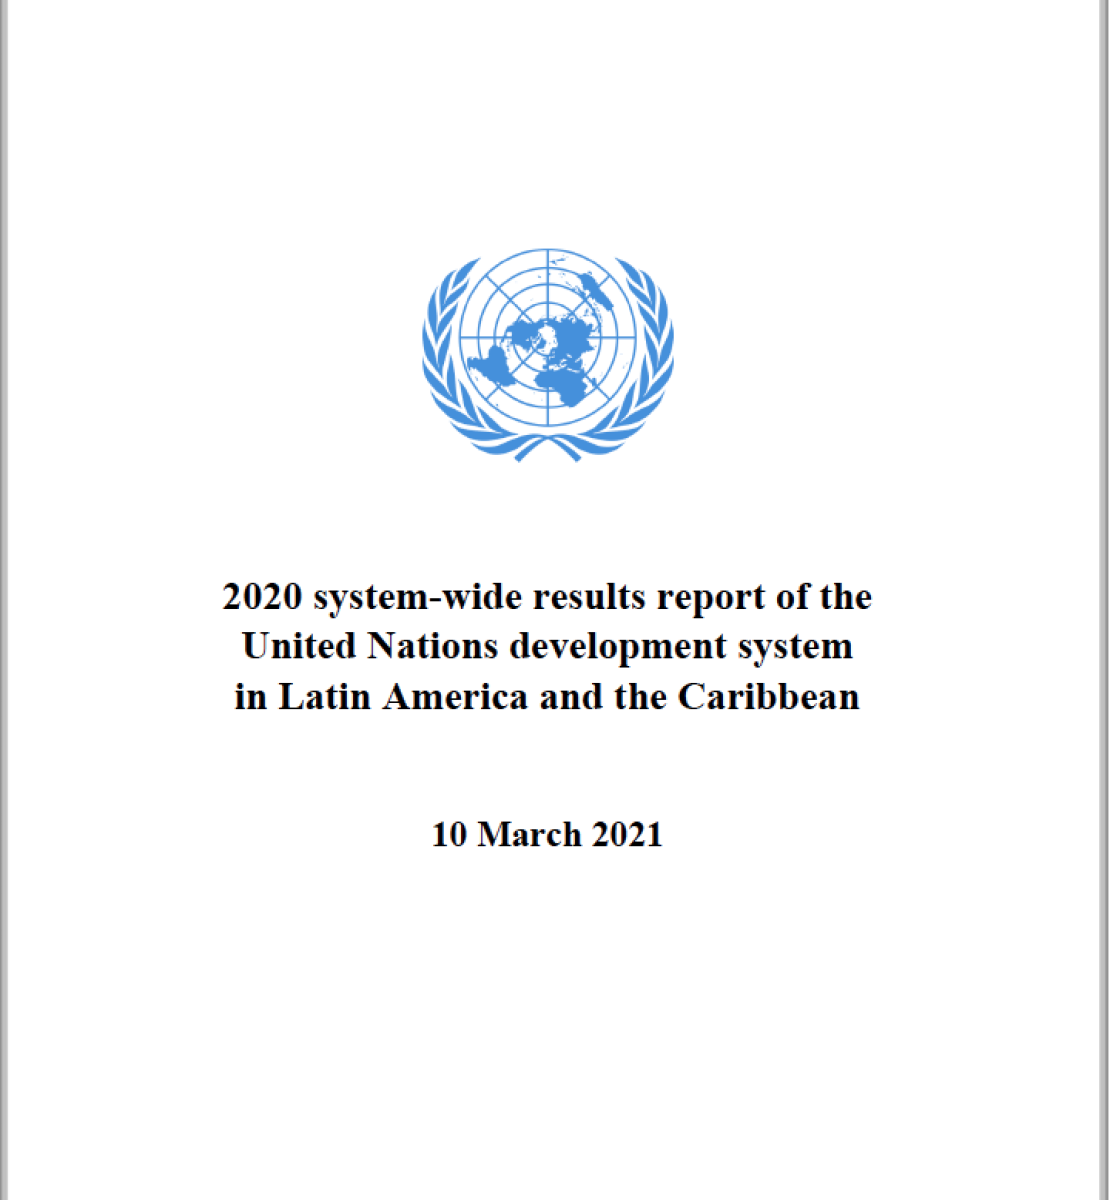 Page de couverture d'un rapport sur fond blanc montrant le titre « Rapport 2020 sur les résultats obtenus à l'échelle du système par le système des Nations Unies pour le développement en Amérique latine et dans les Caraïbes » en anglais et le logo de l'ONU placé au-dessus du titre.